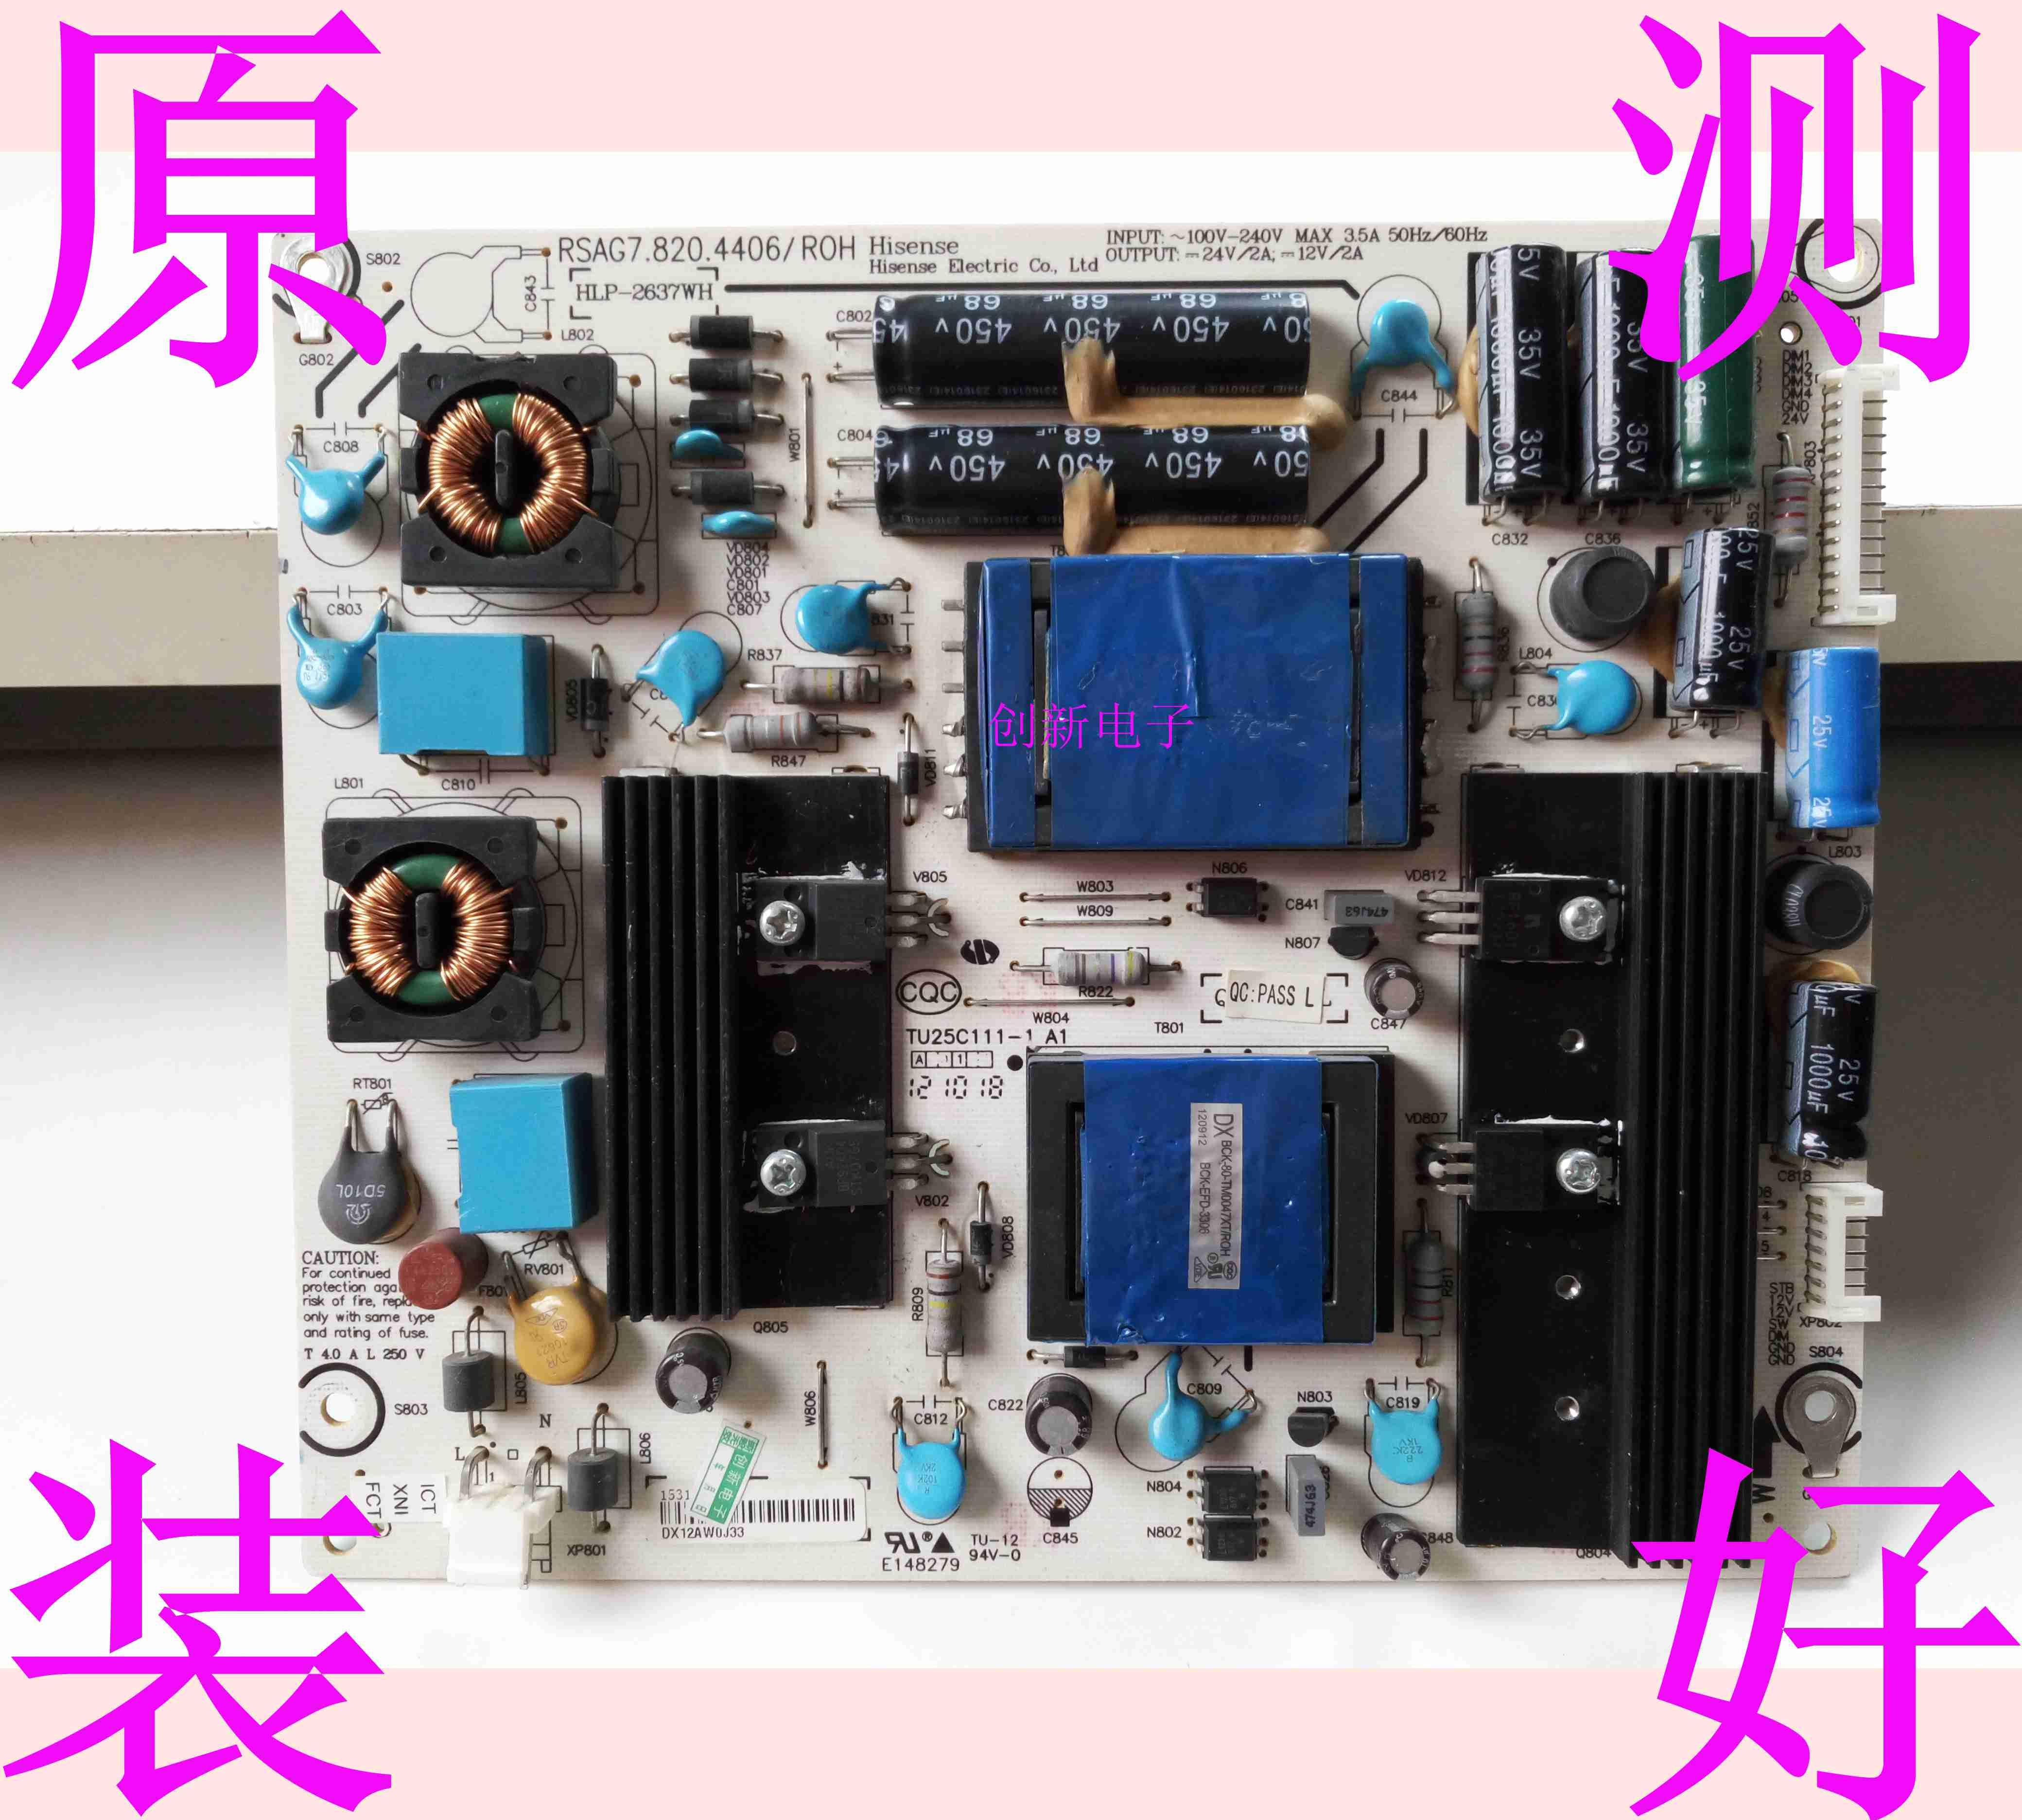 Hisense LED39K200J Originale di potere del Consiglio RSAG7.820.4406/ROH TV LCD